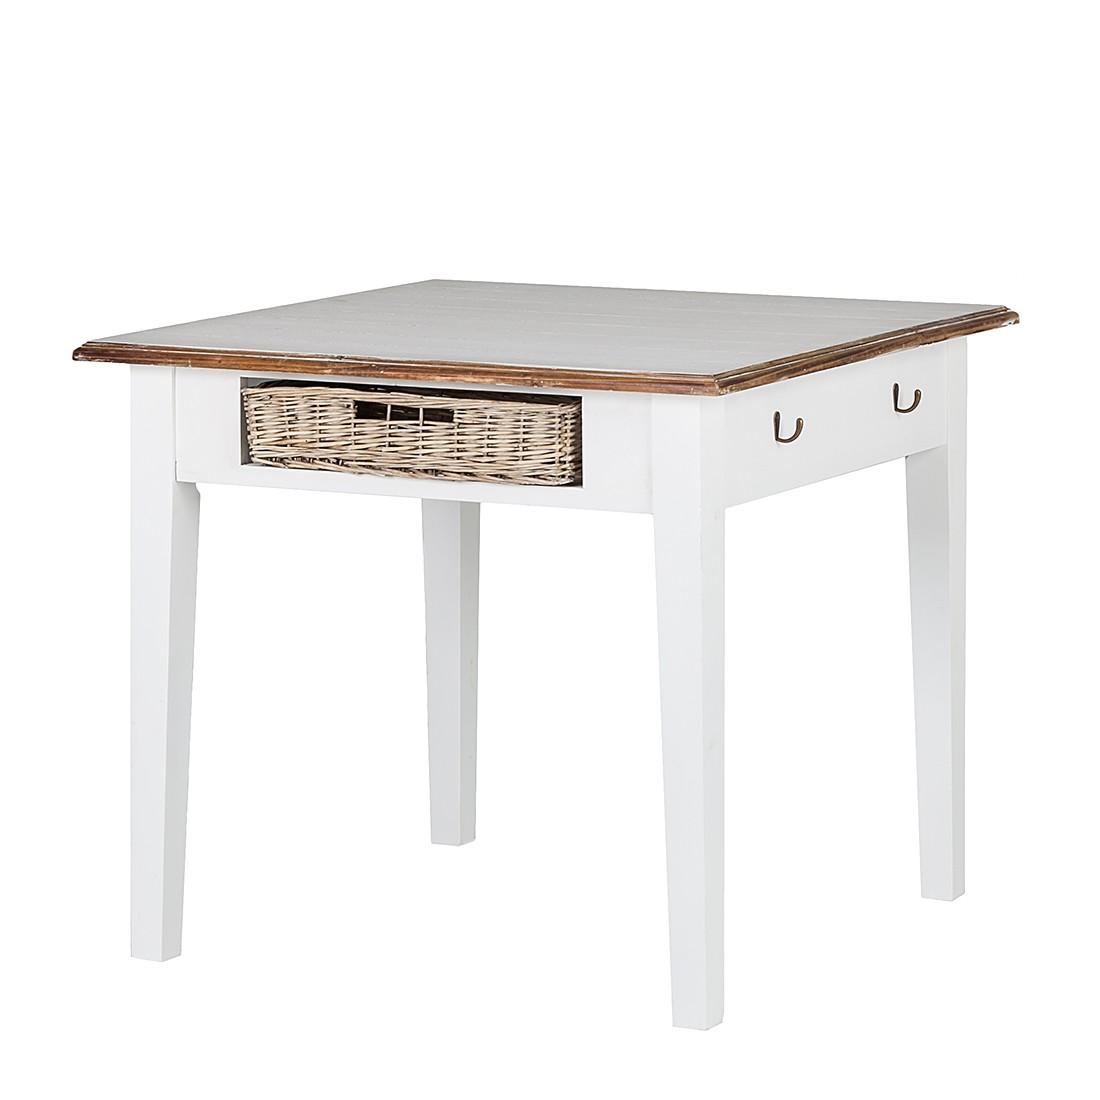 Table à manger Rieux - Corbeilles en rotin - 90 x 90 cm, Maison Belfort